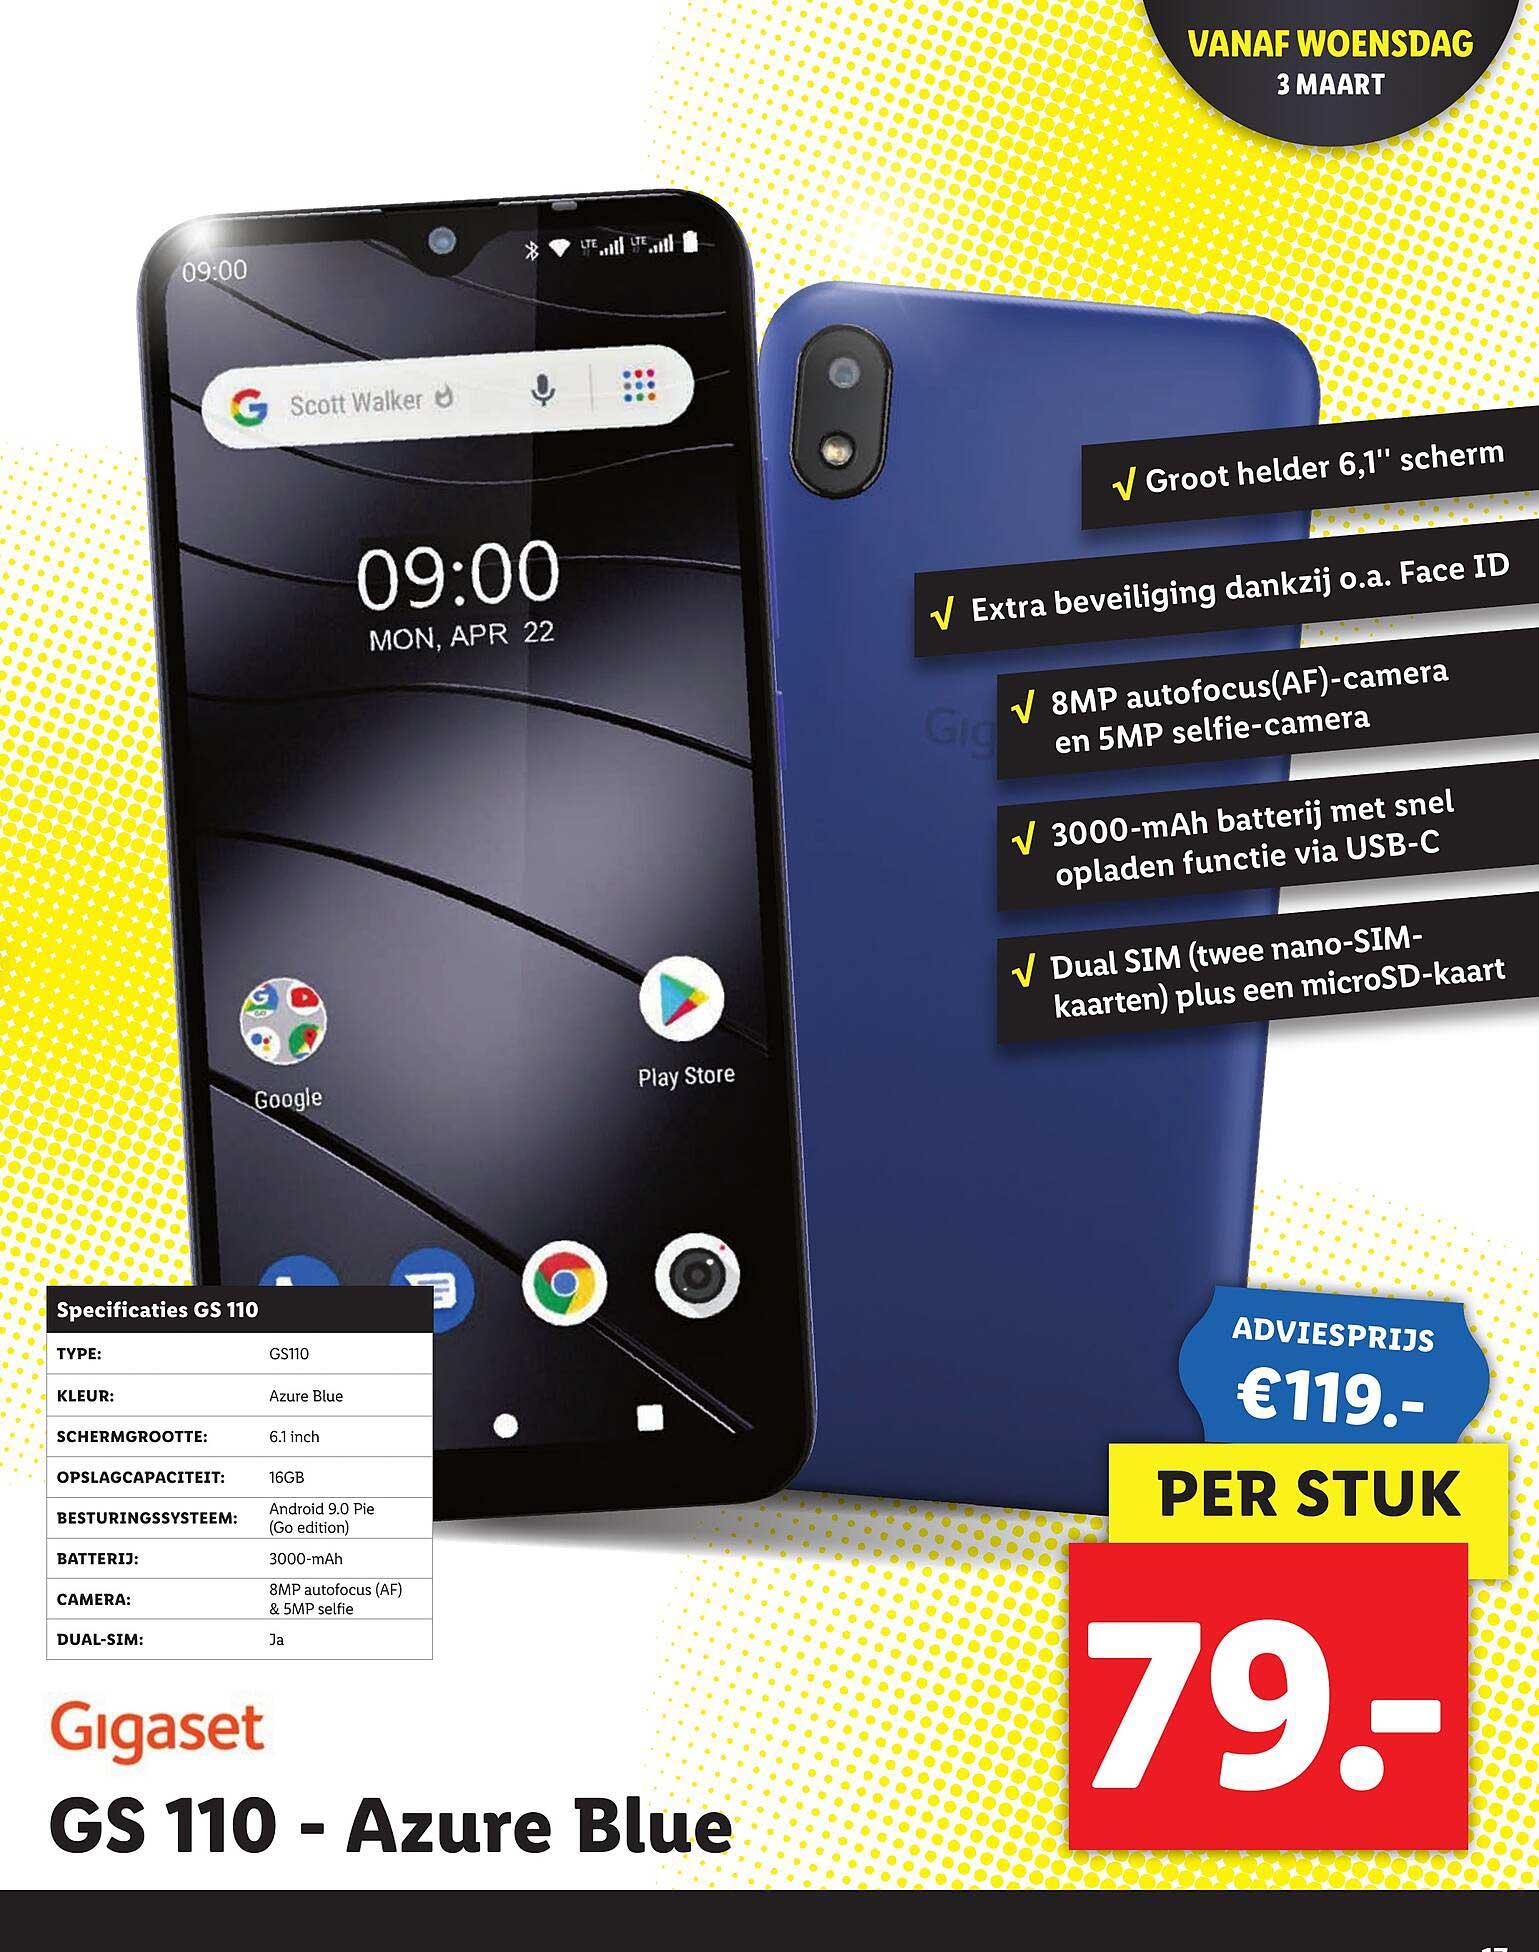 Lidl Gigaset GS 110 - Azure Blue